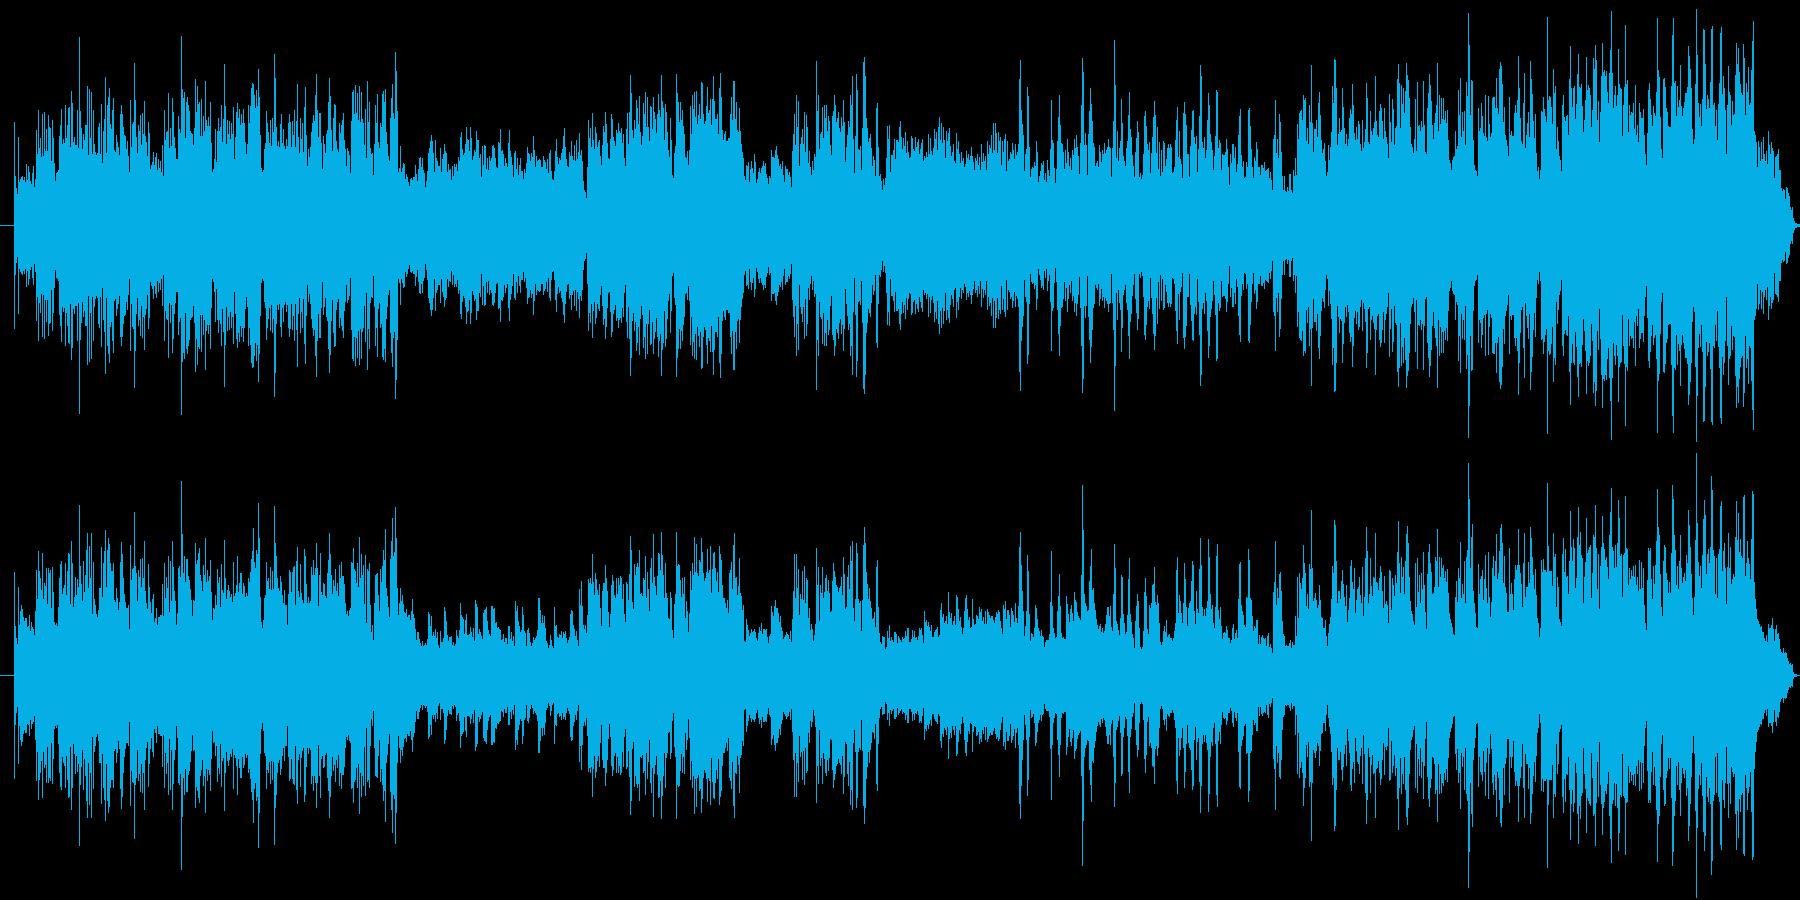 明るめ、軽快な曲のイメージで、バッハの…の再生済みの波形